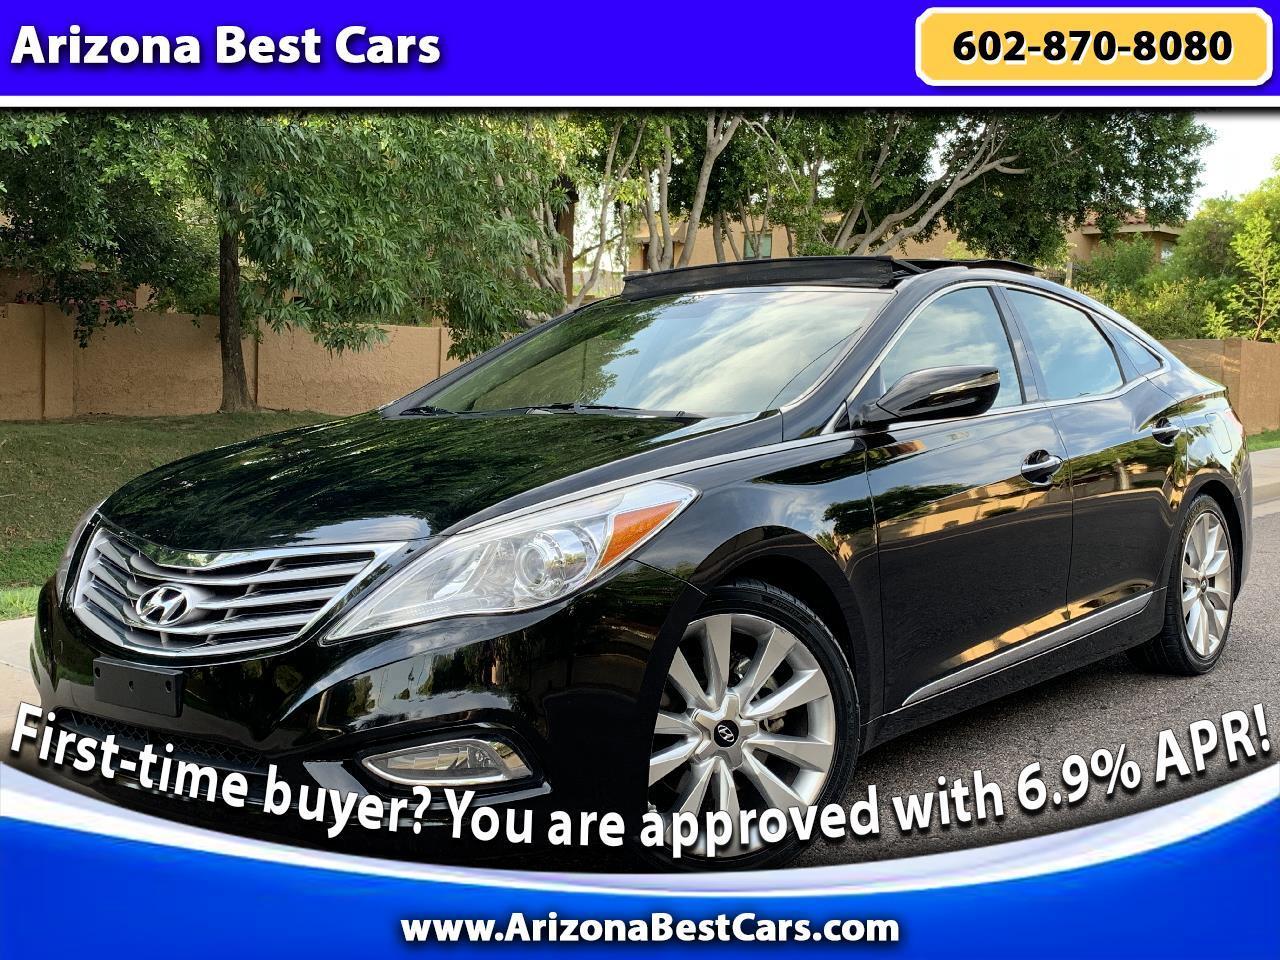 2012 Hyundai Azera Limited 3.3L